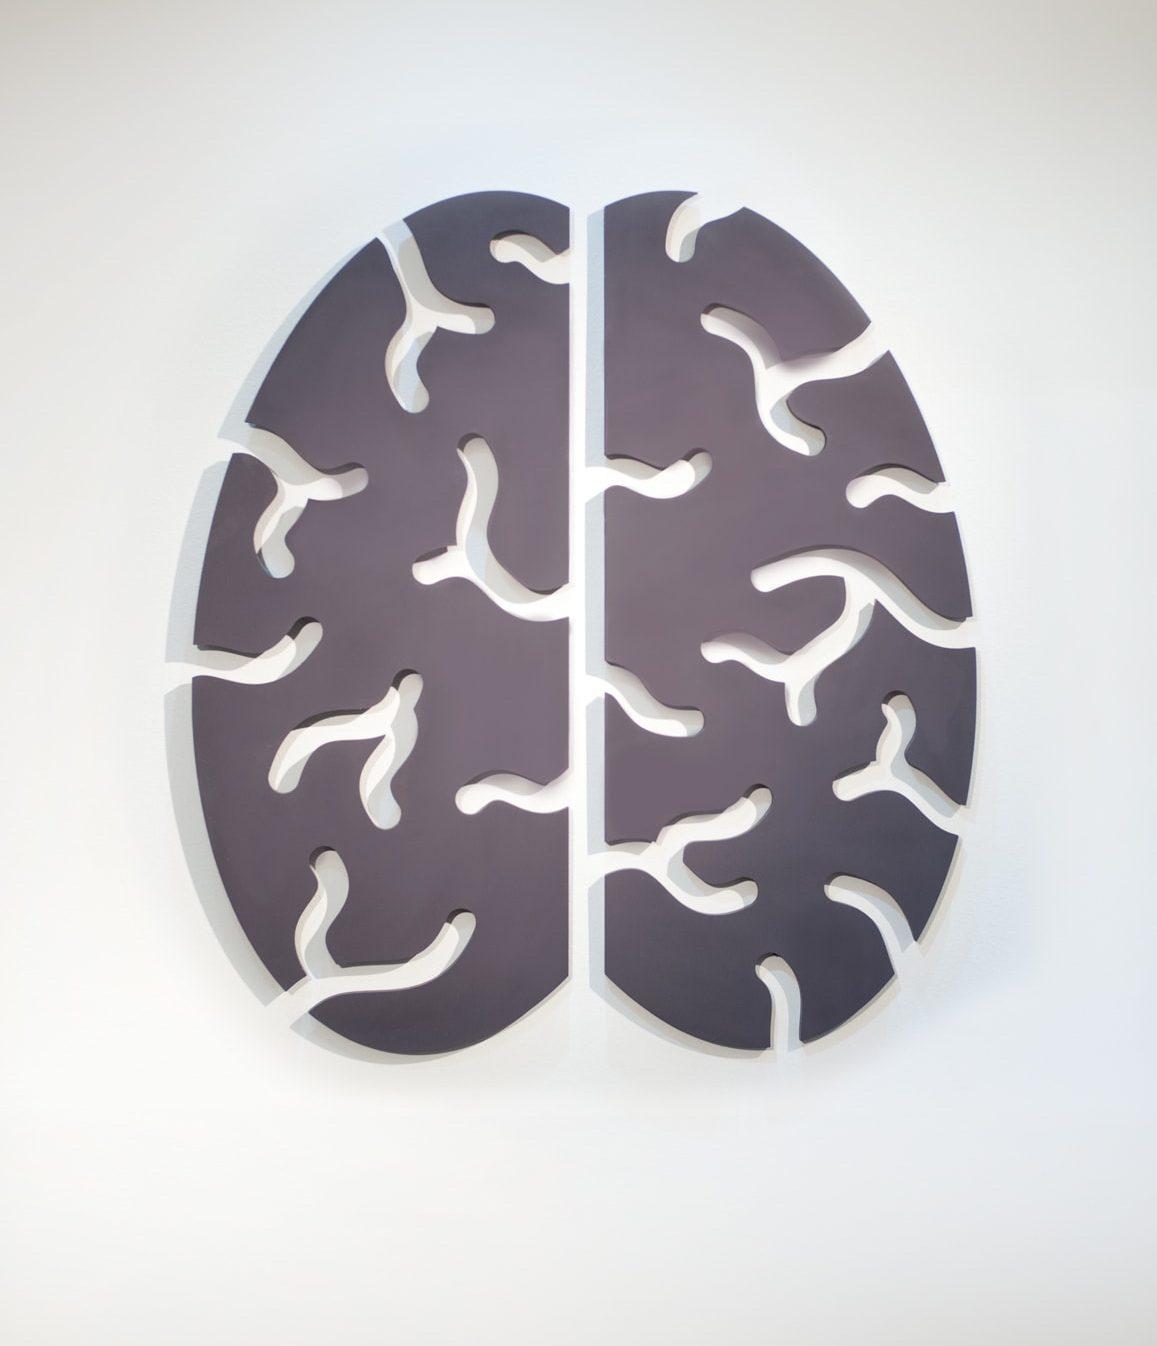 Anatomy of realism_Exhibition_StefanKnezevic_Shonski_Knowledge